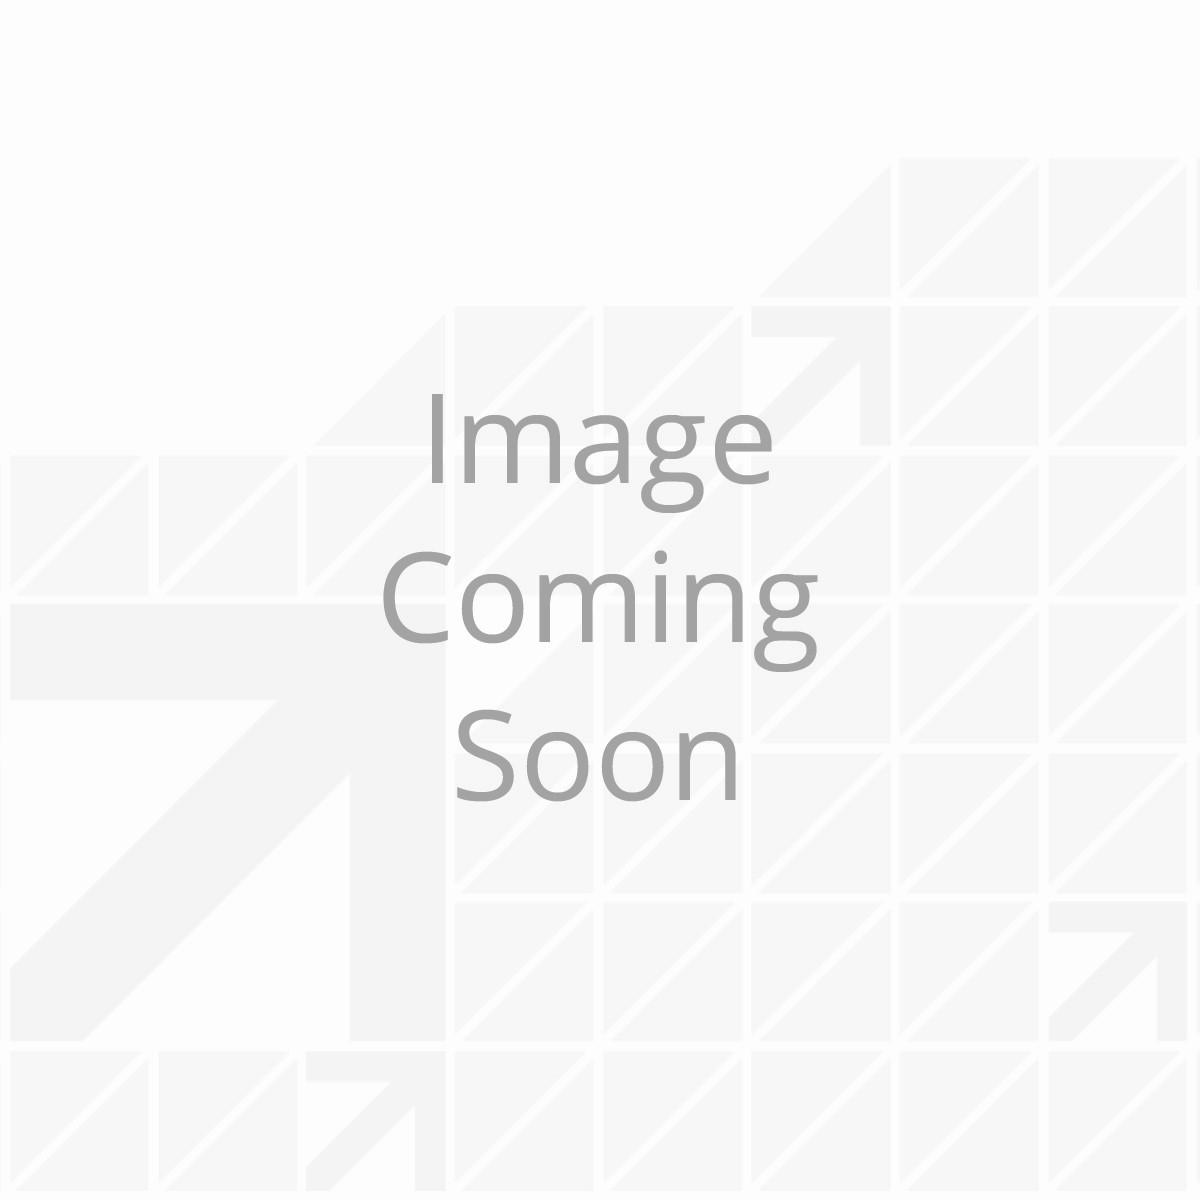 325979_-_motor_-_render_1.png